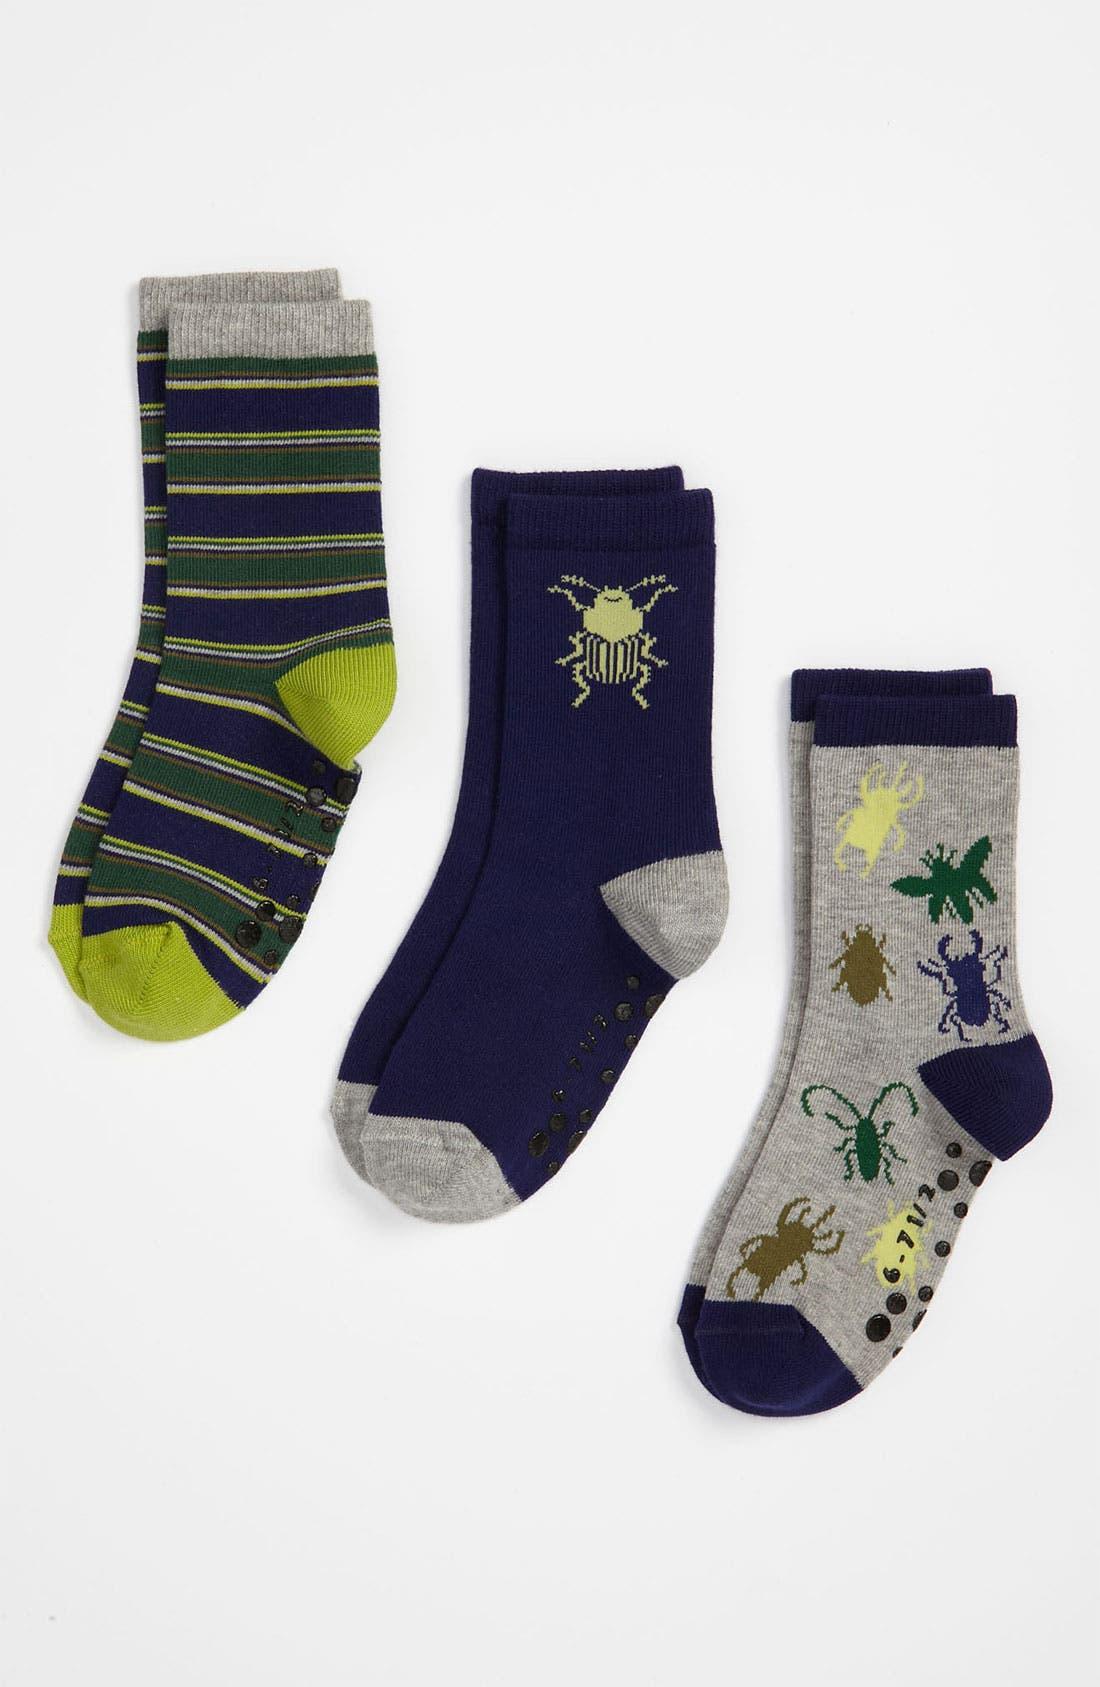 Main Image - Nordstrom 'Bug City' Crew Socks (3-Pack) (Toddler & Little Boys)